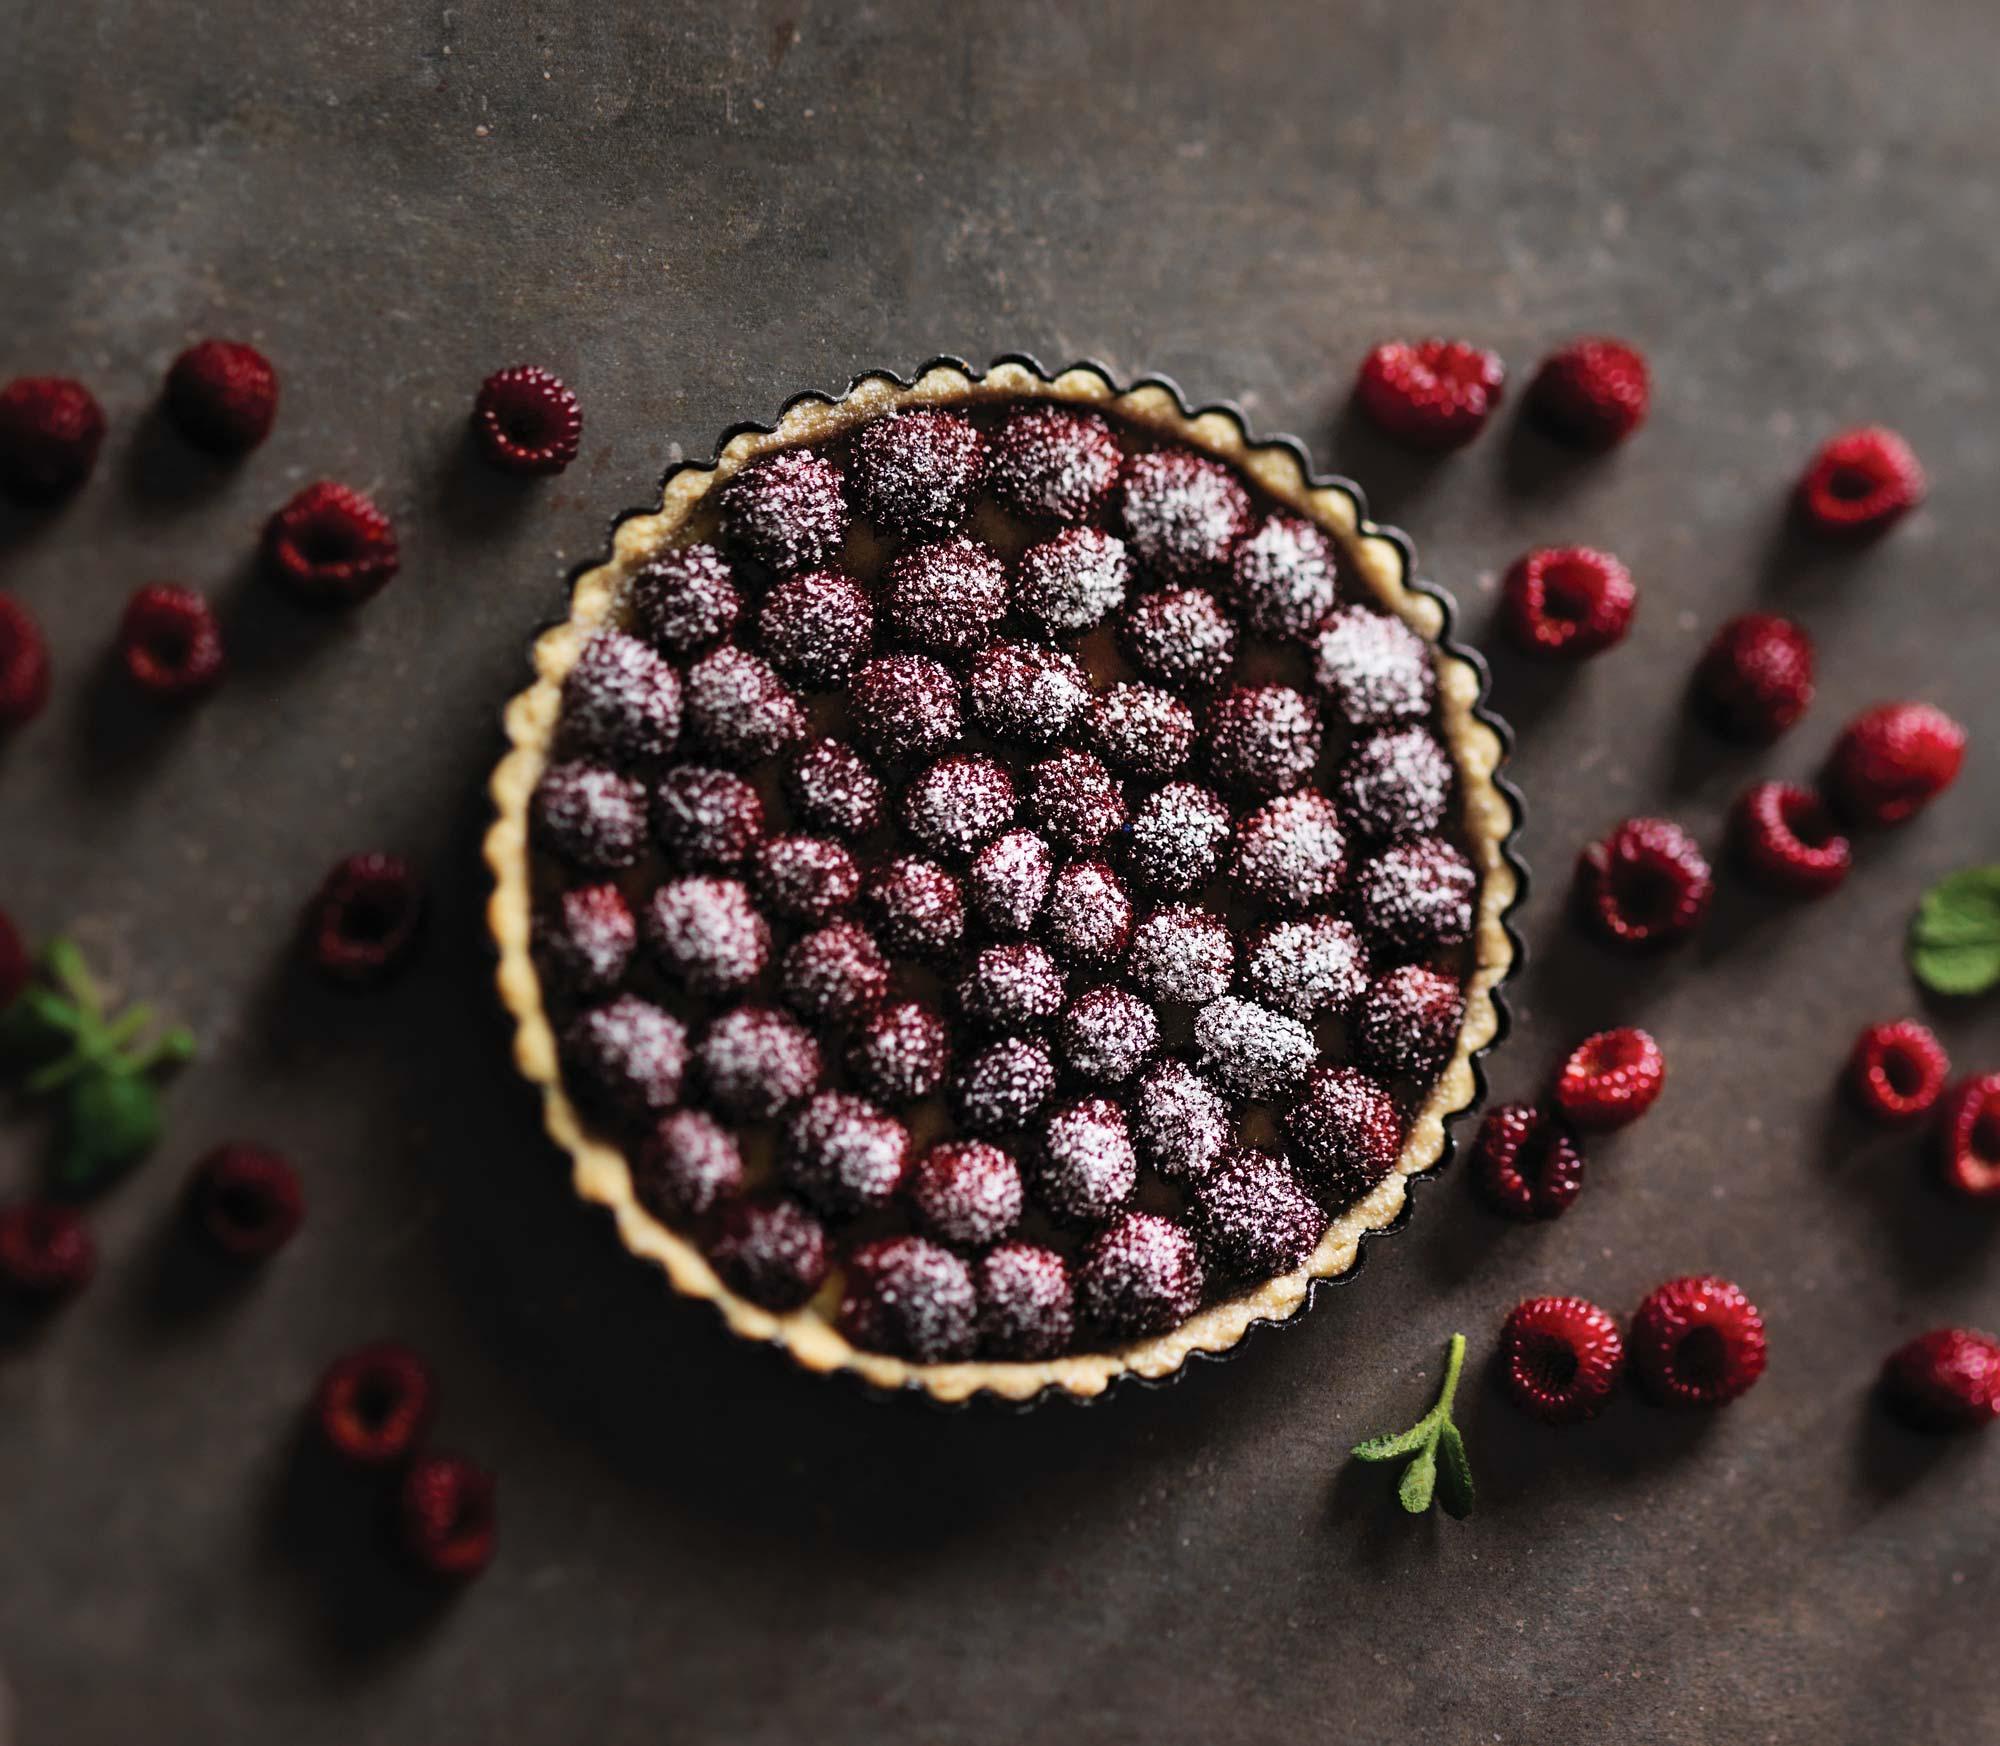 0710-fruits4